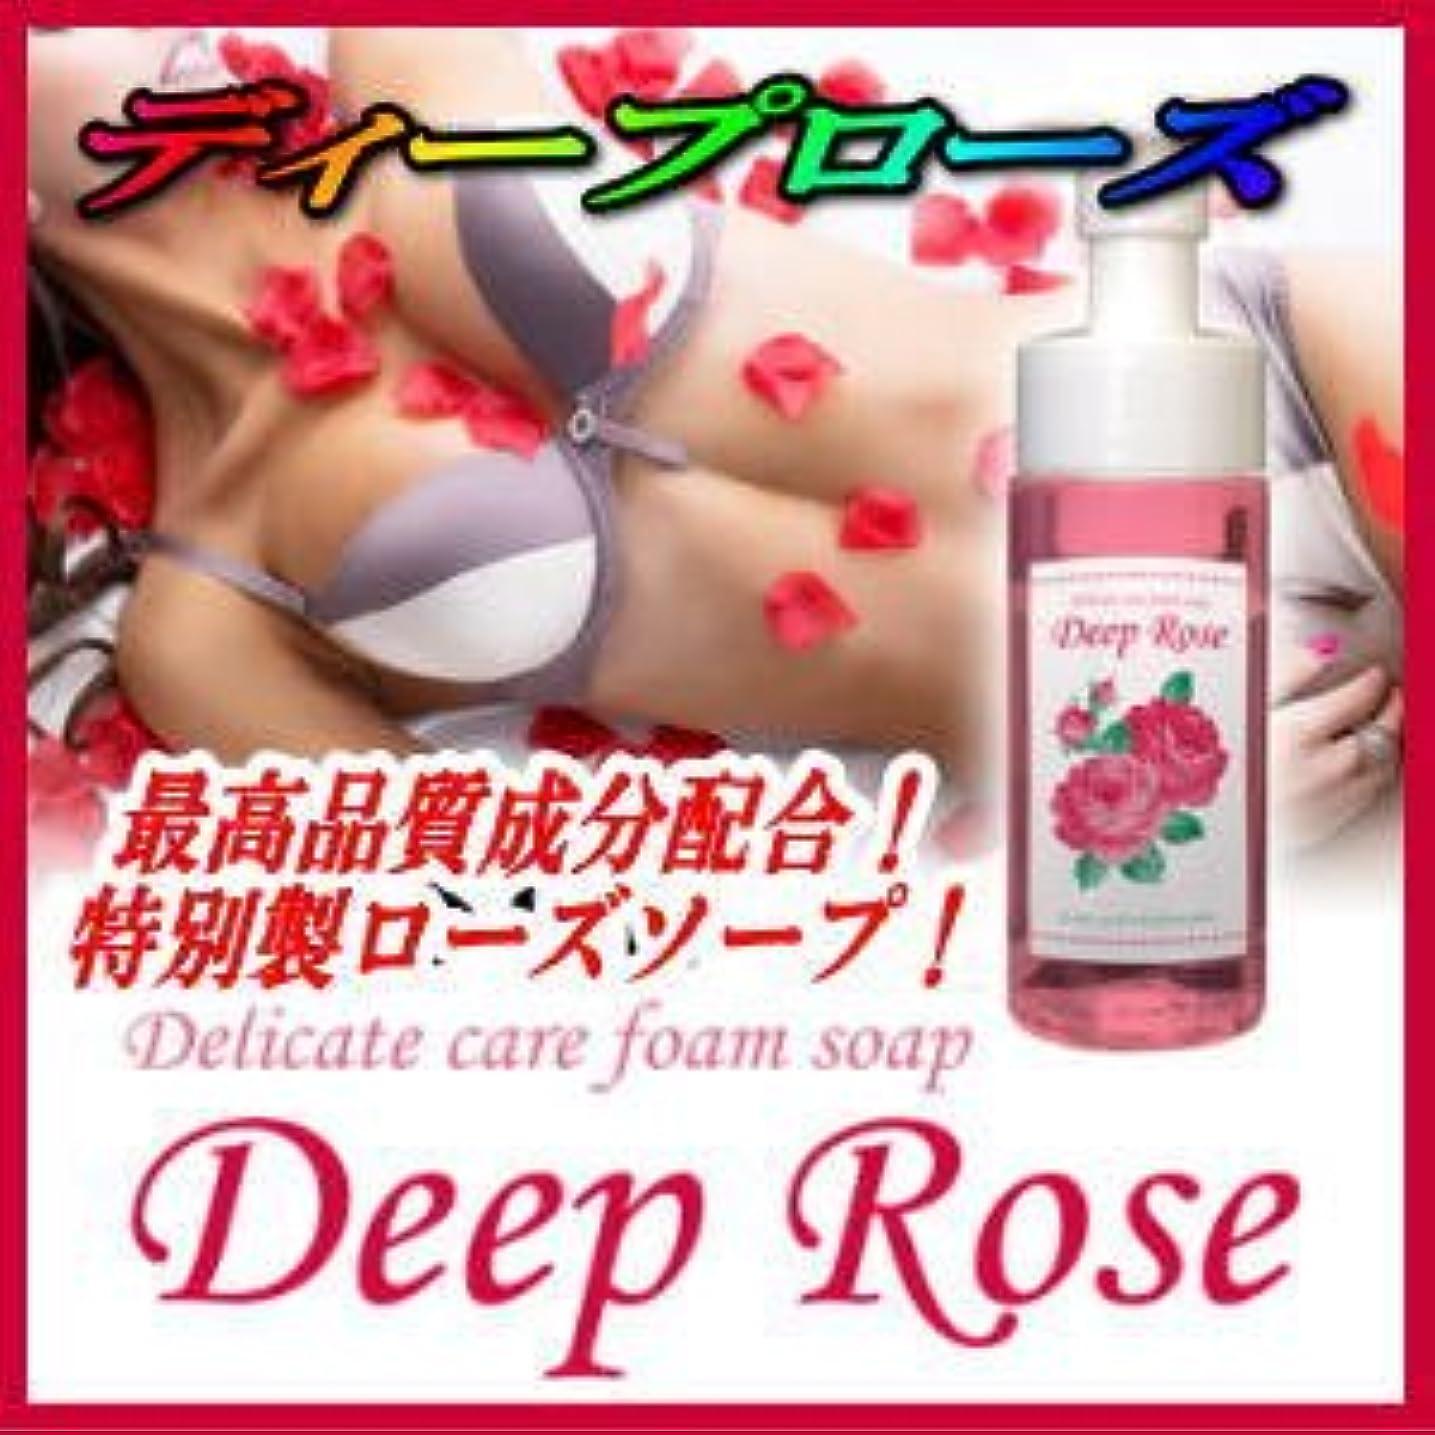 既に芸術泣いているDEEP ROSE (ディープローズ)